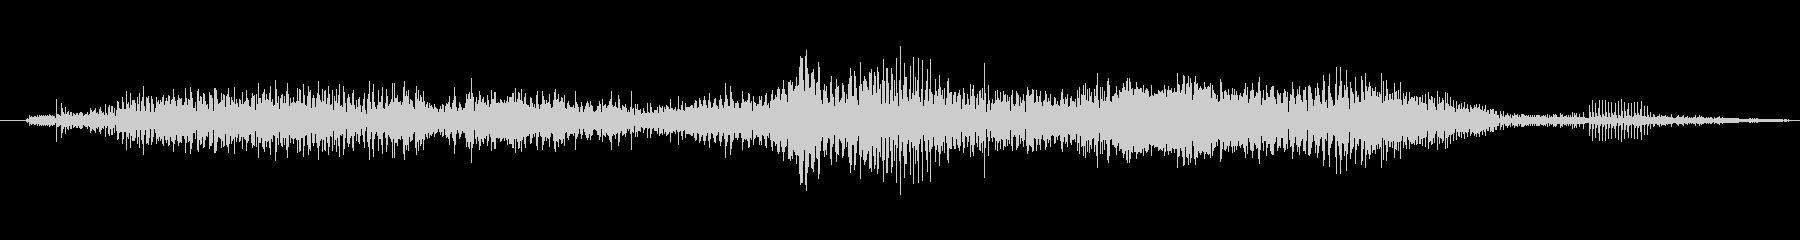 ゾンビ ヒューマンチェンジ03の未再生の波形